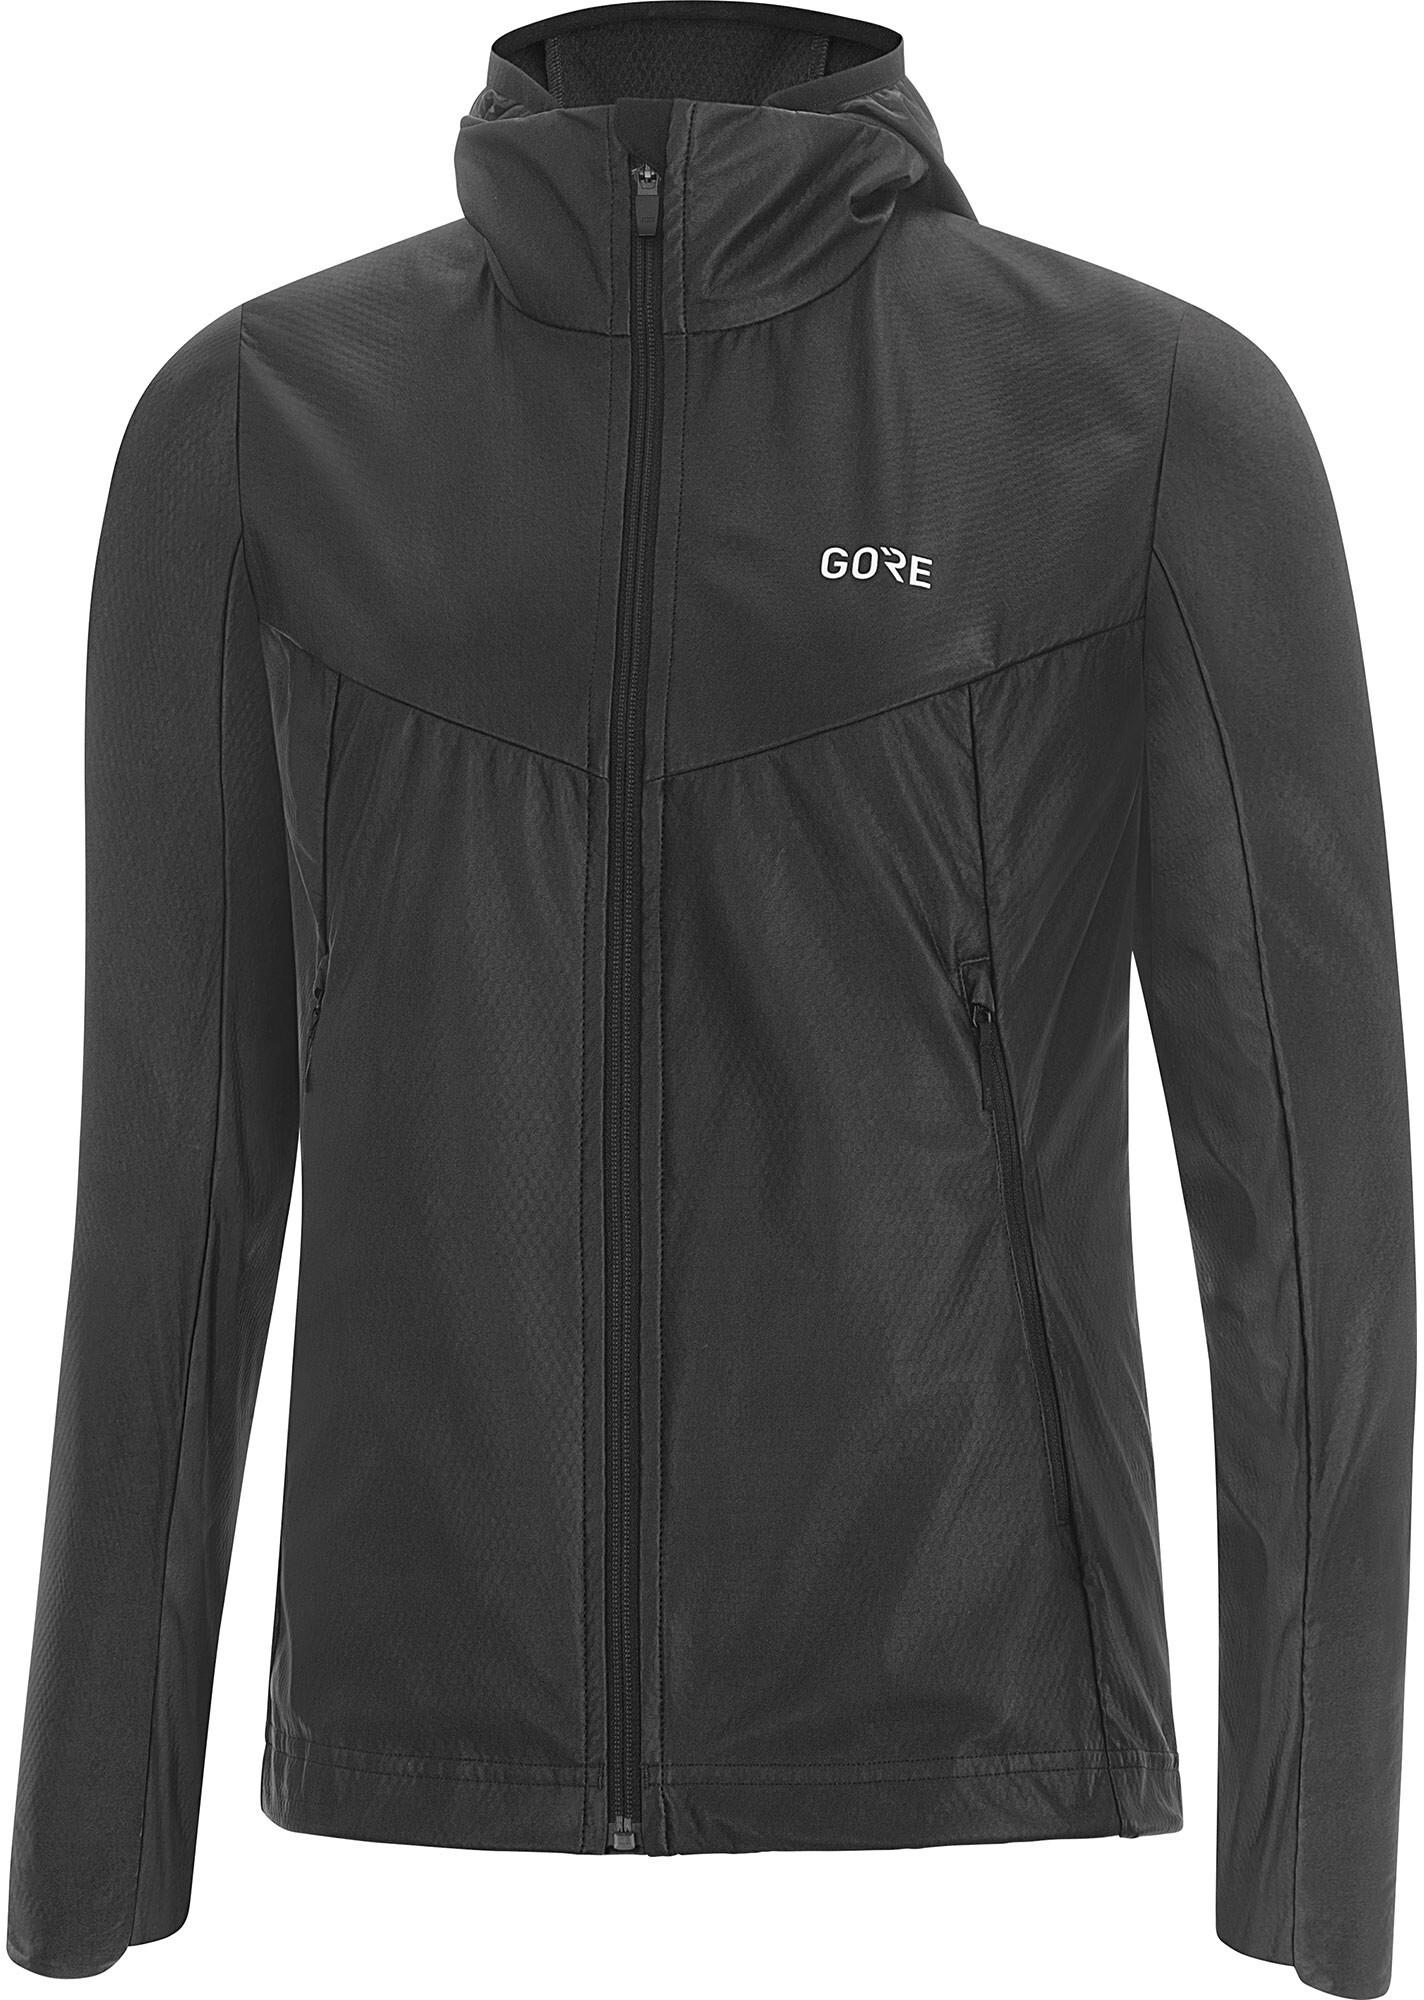 C3 GTX Active jacket 19, cykeljakke, herre